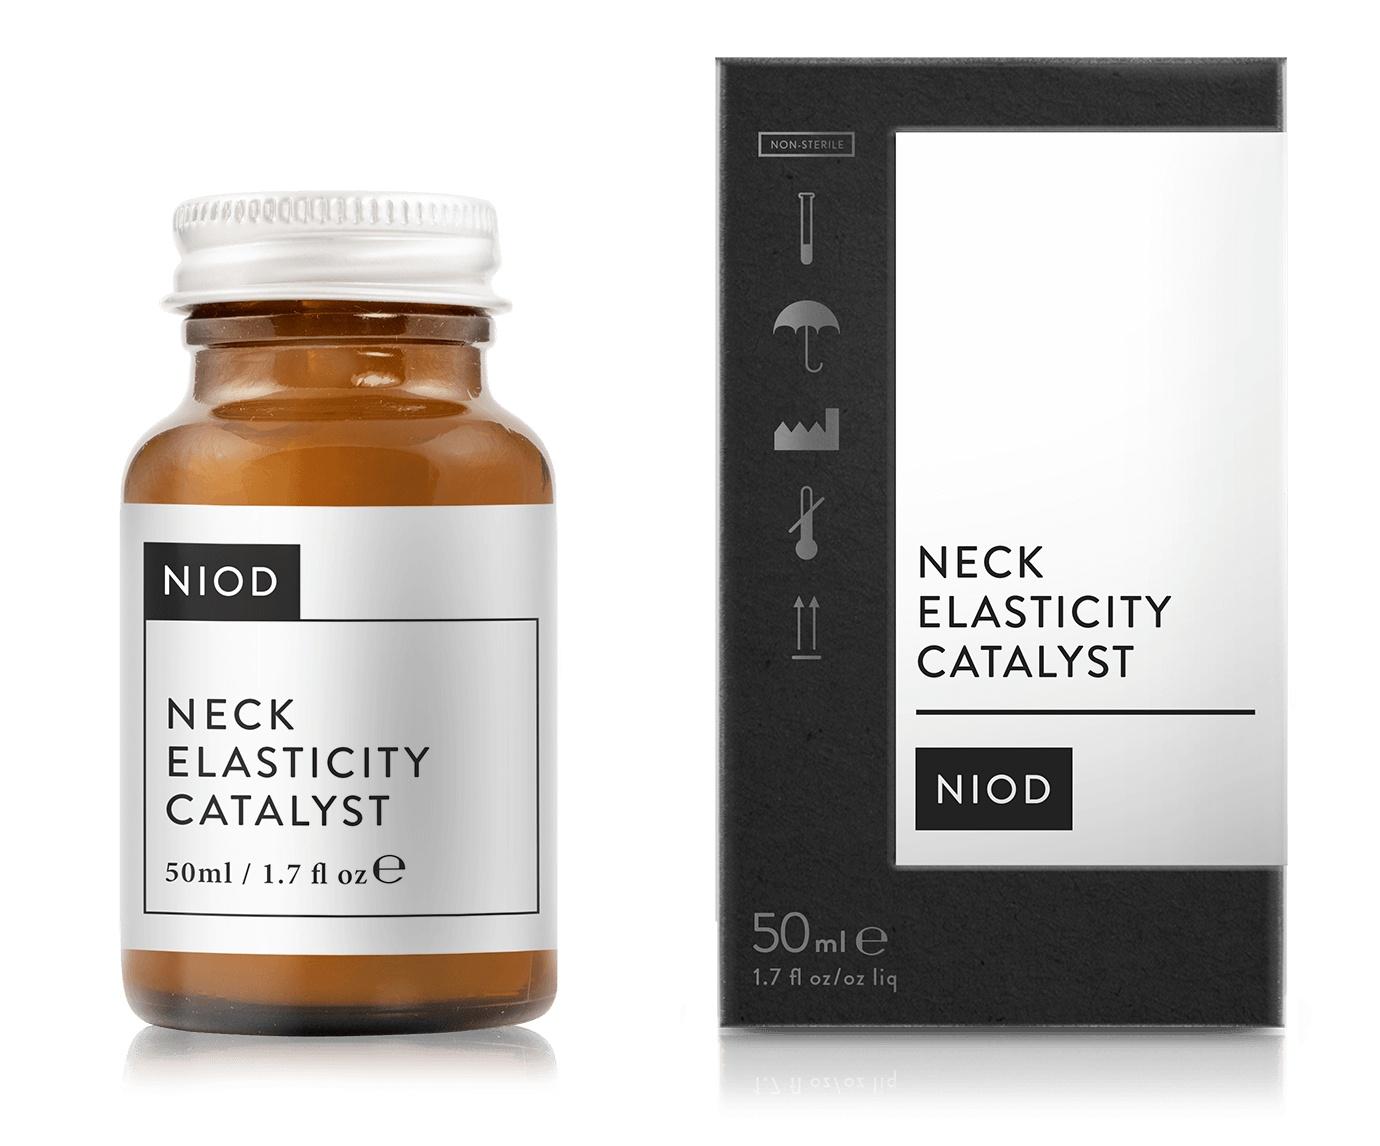 NIOD Neck Elasticity Catalist